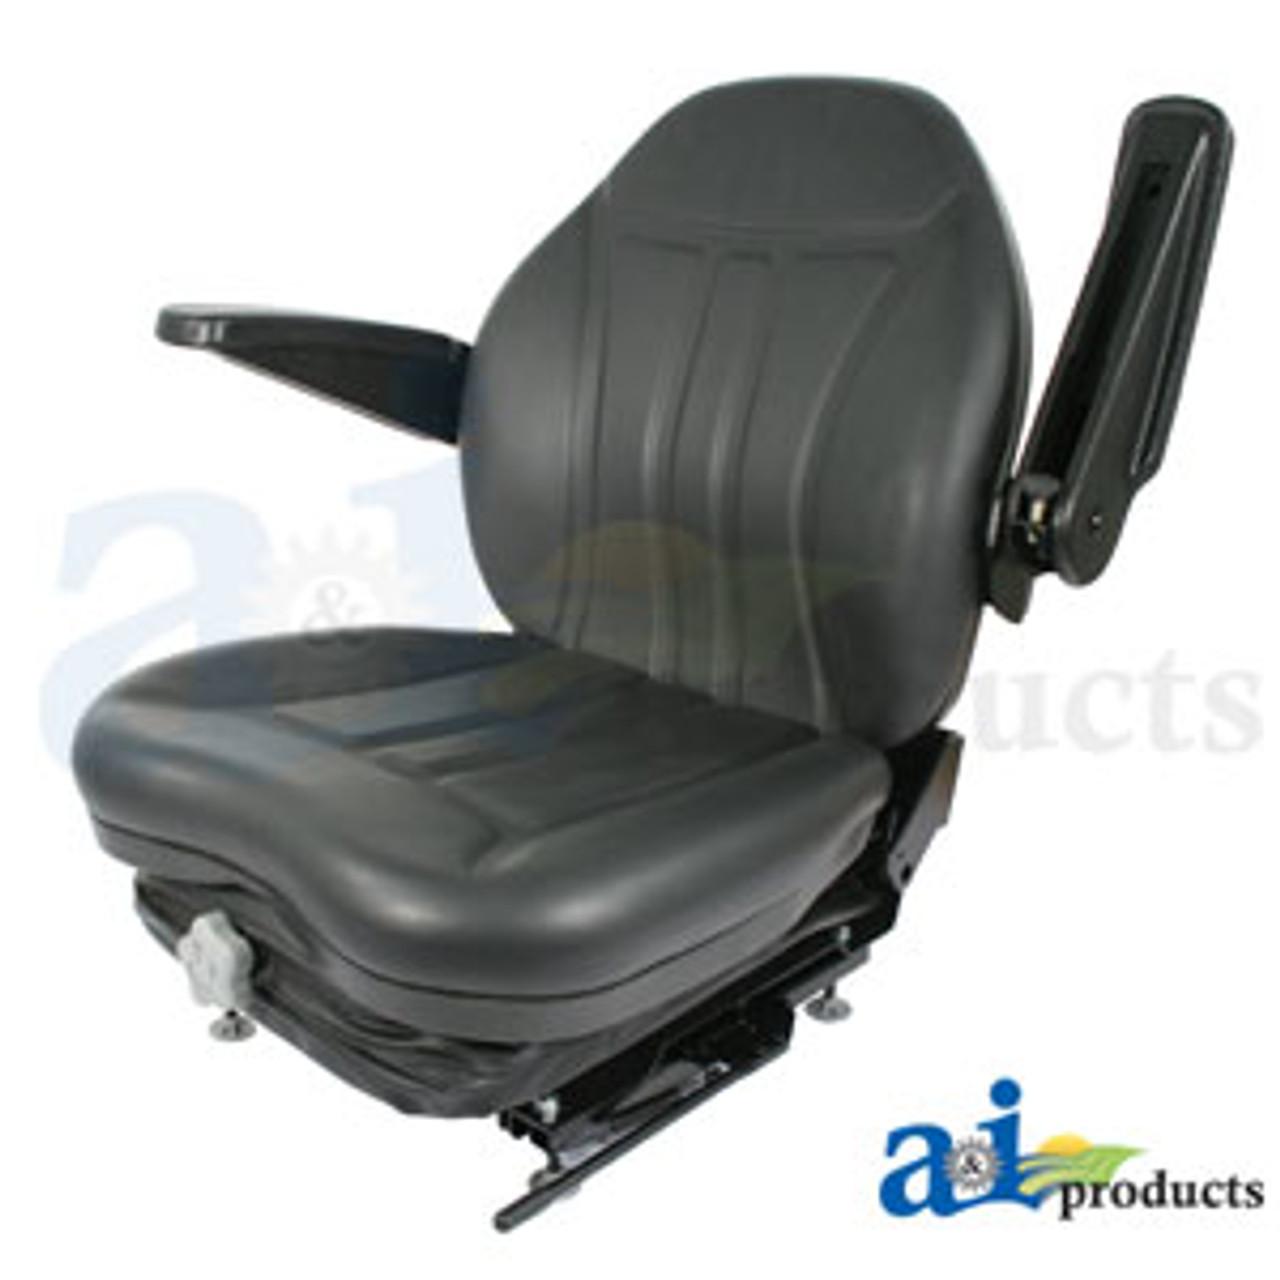 High Back Industrial Seat w/ Suspension, Slide Track & Armrests, Black  Vinyl A-HIS360